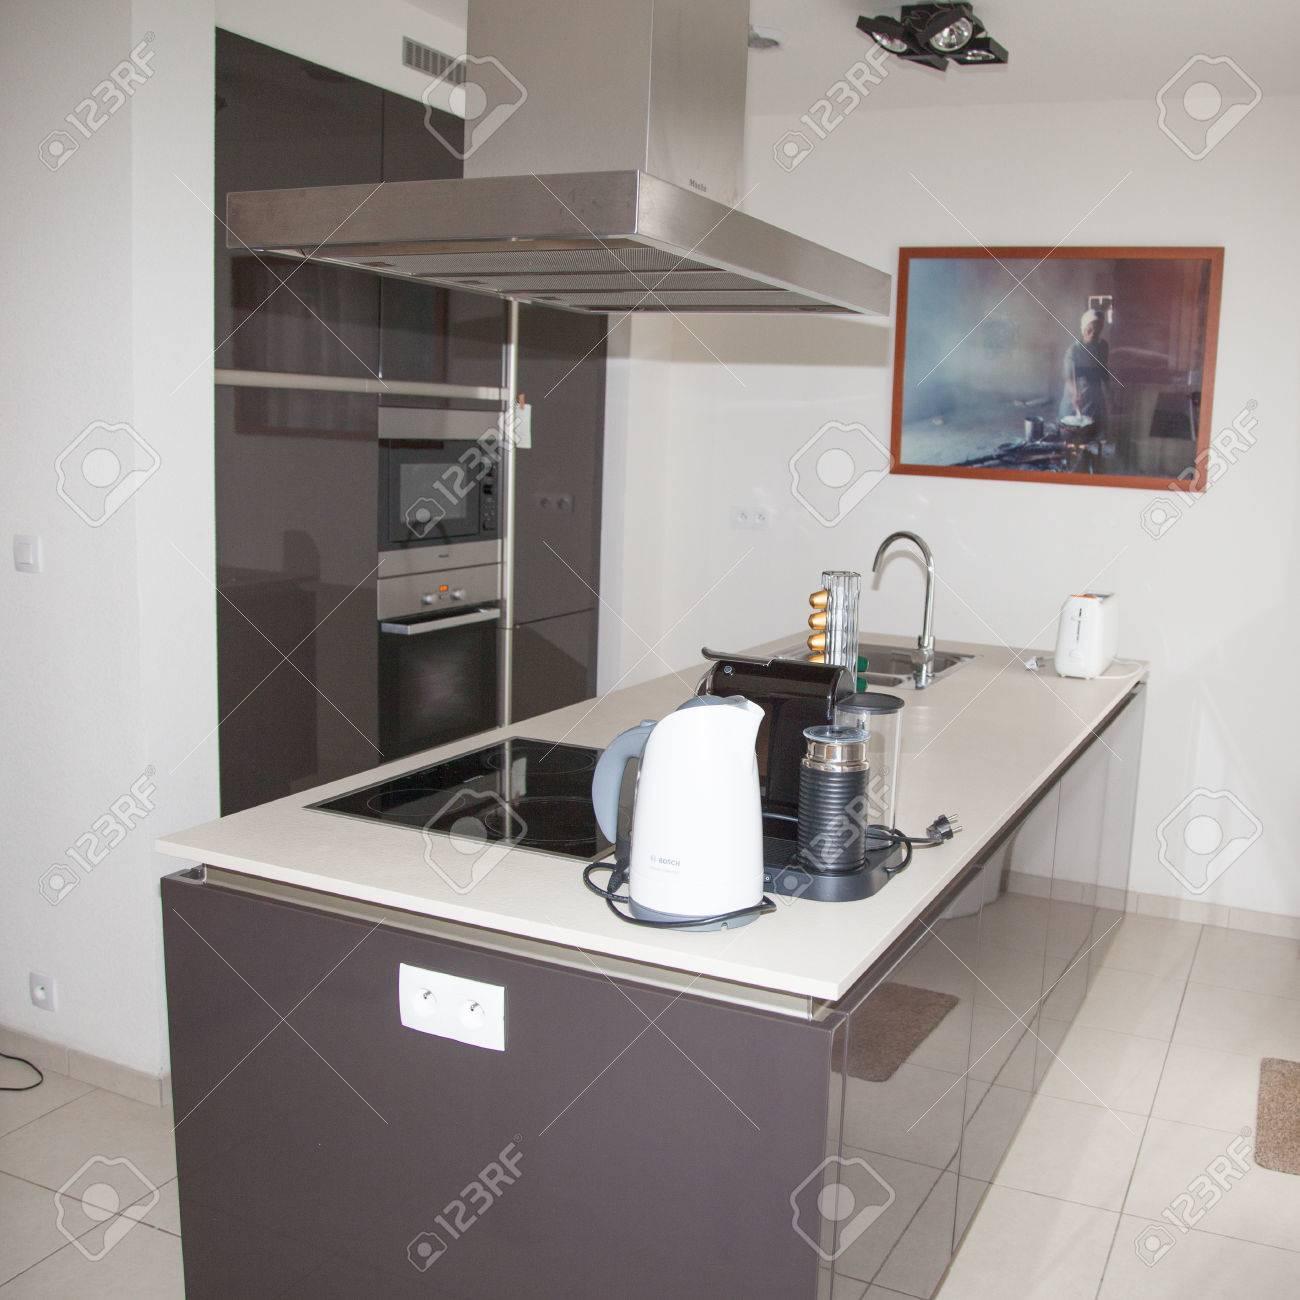 Küche, Inter, Sauber, Platz, Haus, Zuhause, Nach Innen, Modern ...